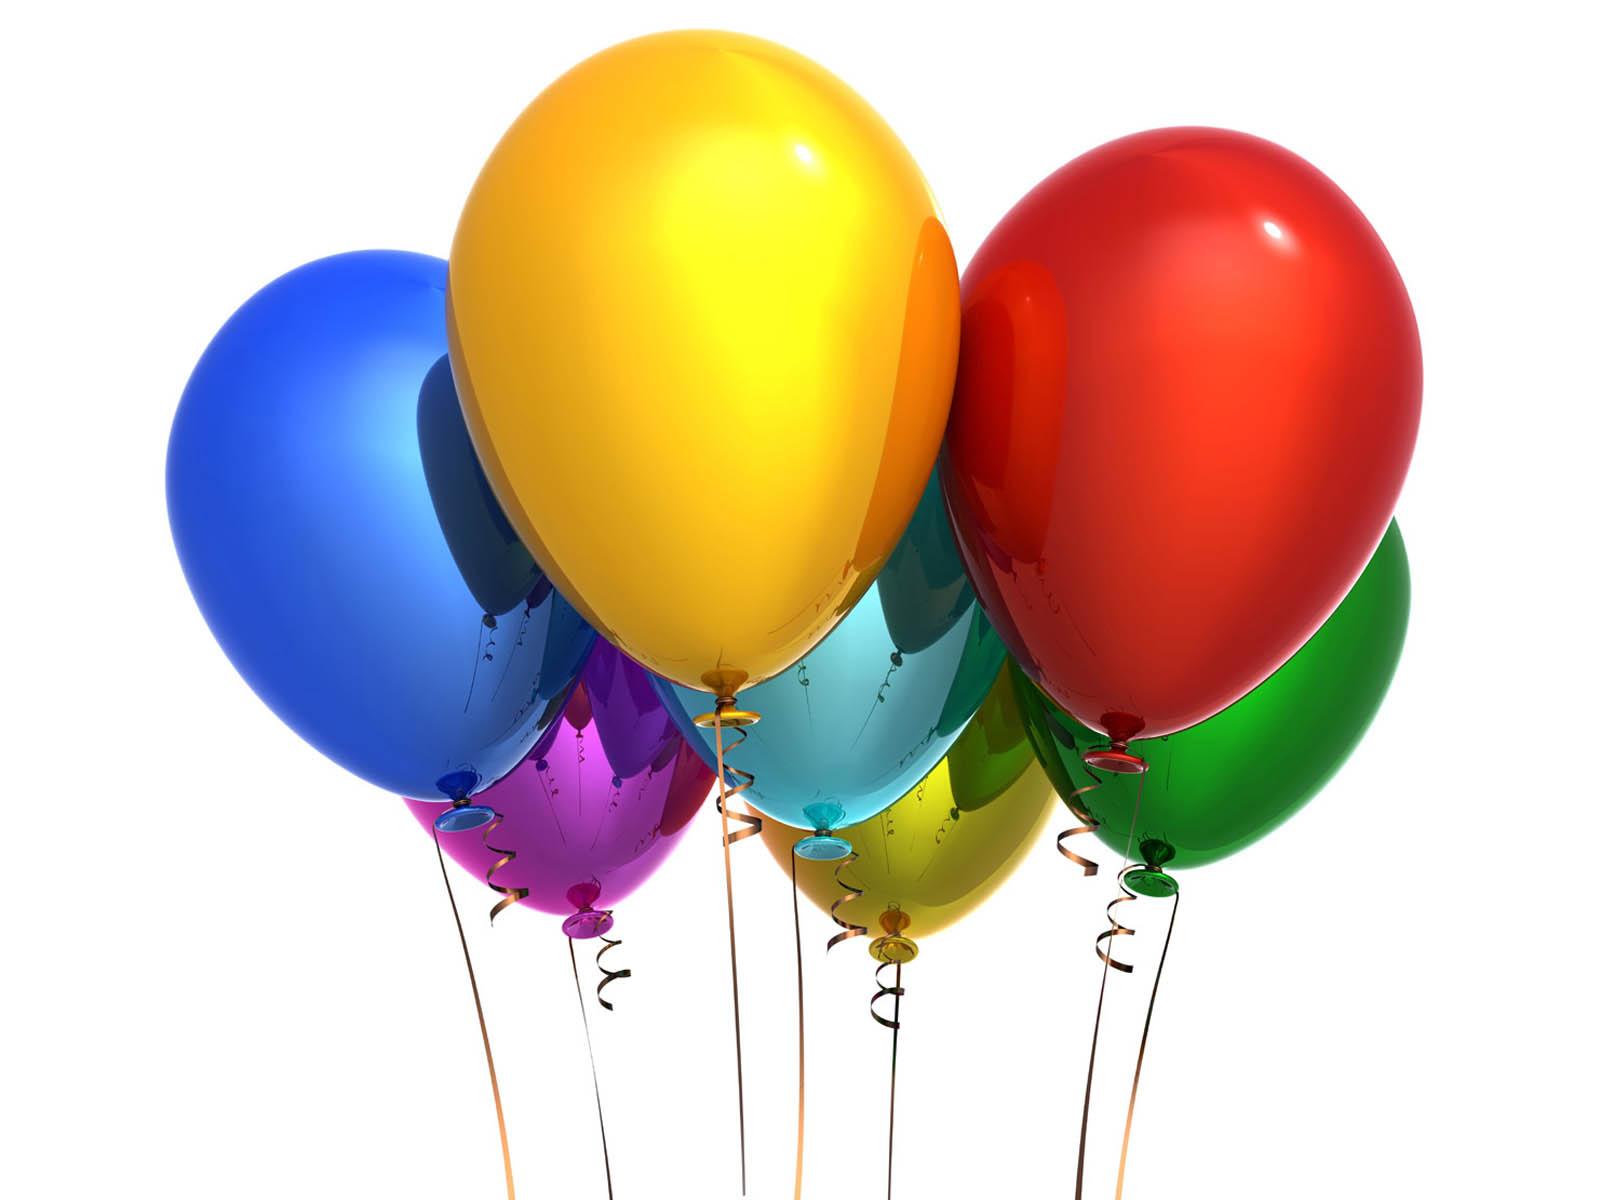 http://2.bp.blogspot.com/-qq2riE37Jm0/UBIIF0E4qaI/AAAAAAAAGJ0/aTwWWOLX7rs/s1600/Balloons%20Wallpapers%201.jpg